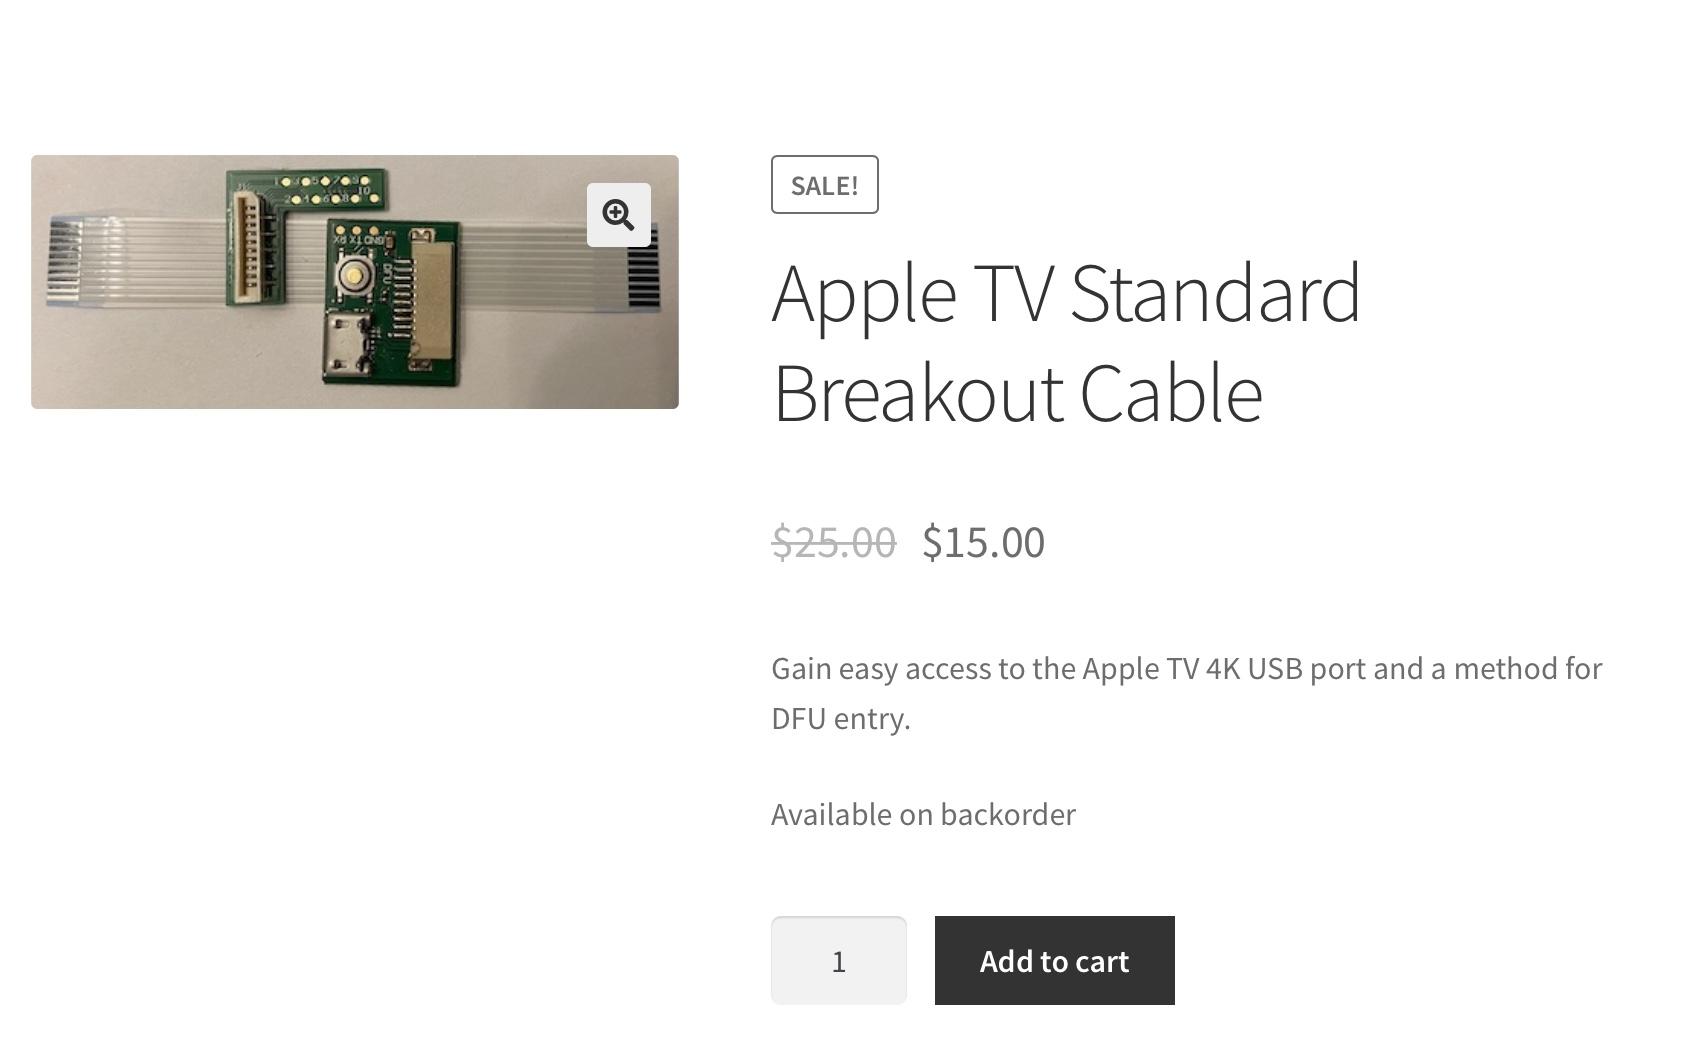 O novo cabo de solda supostamente permite a entrada no modo DFU em Apple TV 4K 1